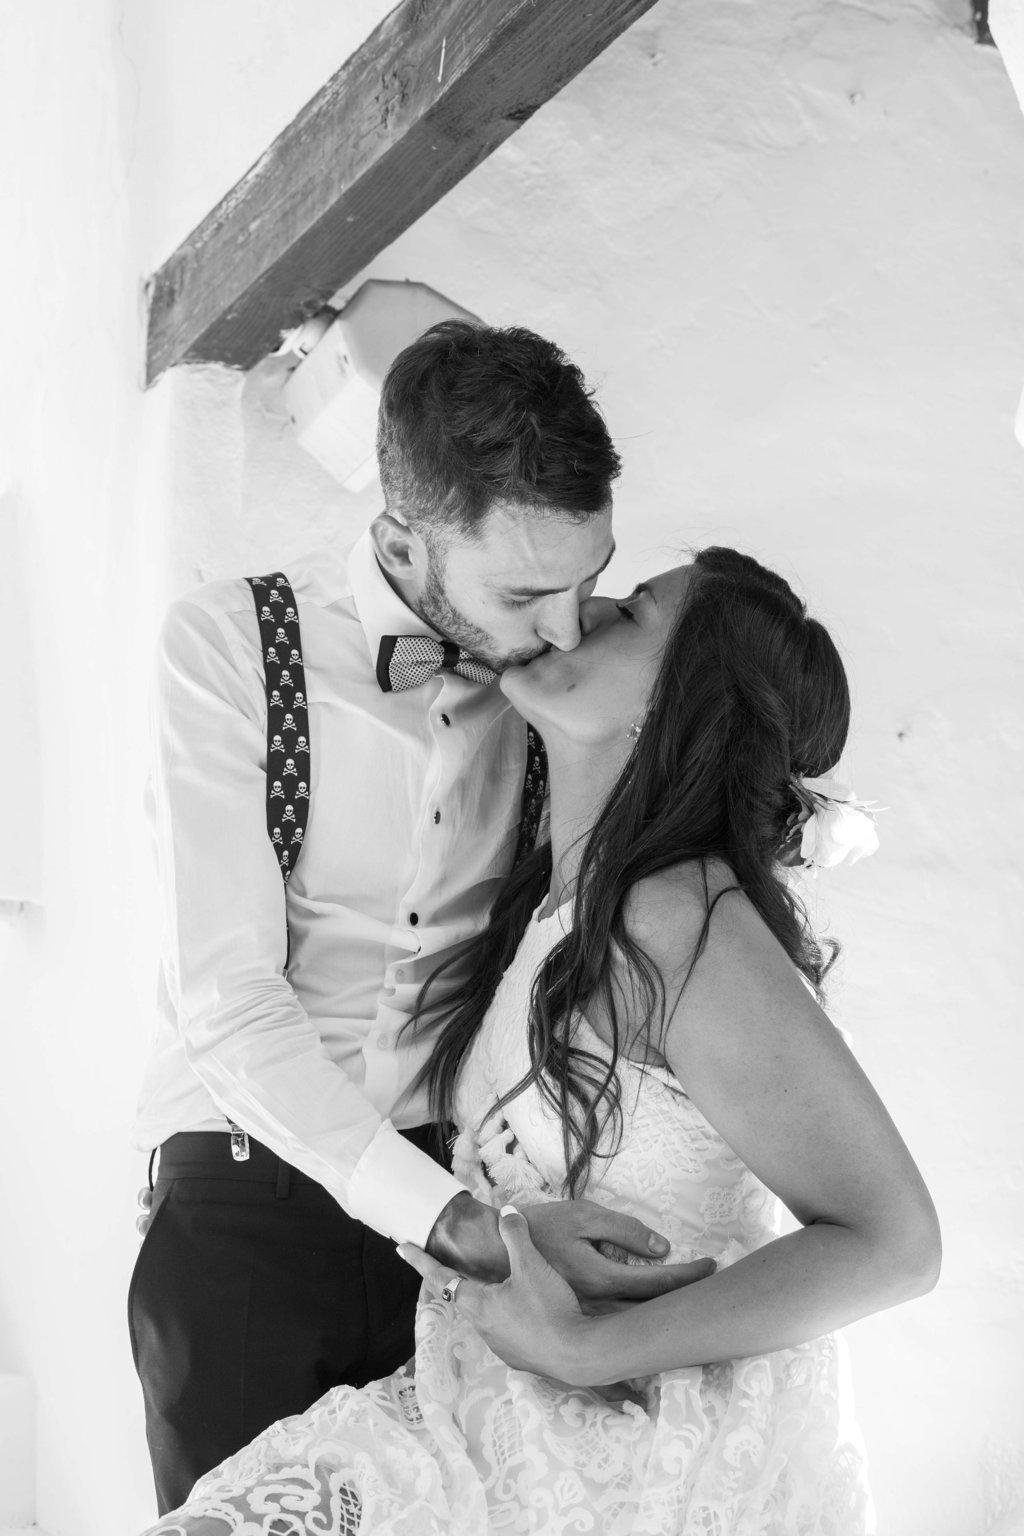 boda en valladolid tiz y kiko _MG_3925